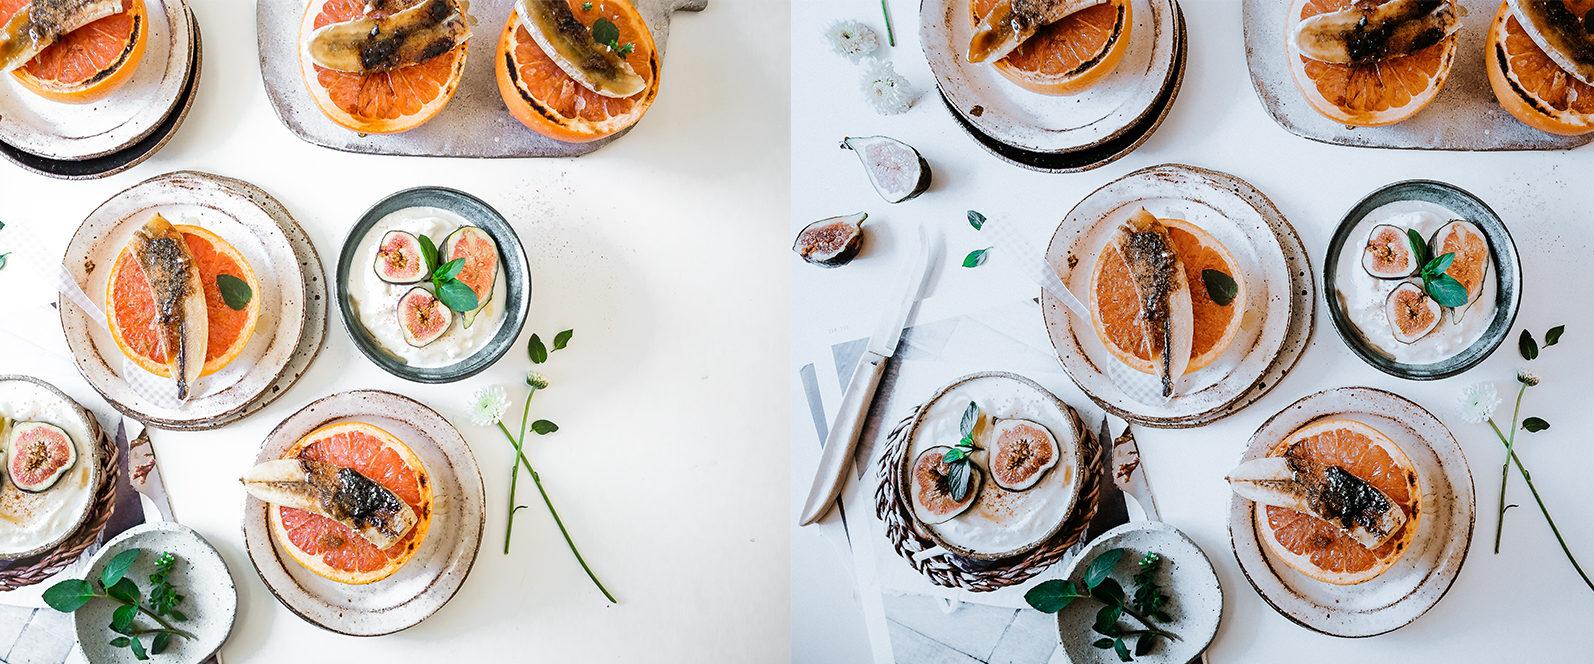 Food Blogger Vol. 1 Lightroom Presets - Desktop and Mobile - 5 Food Blogger 2 -